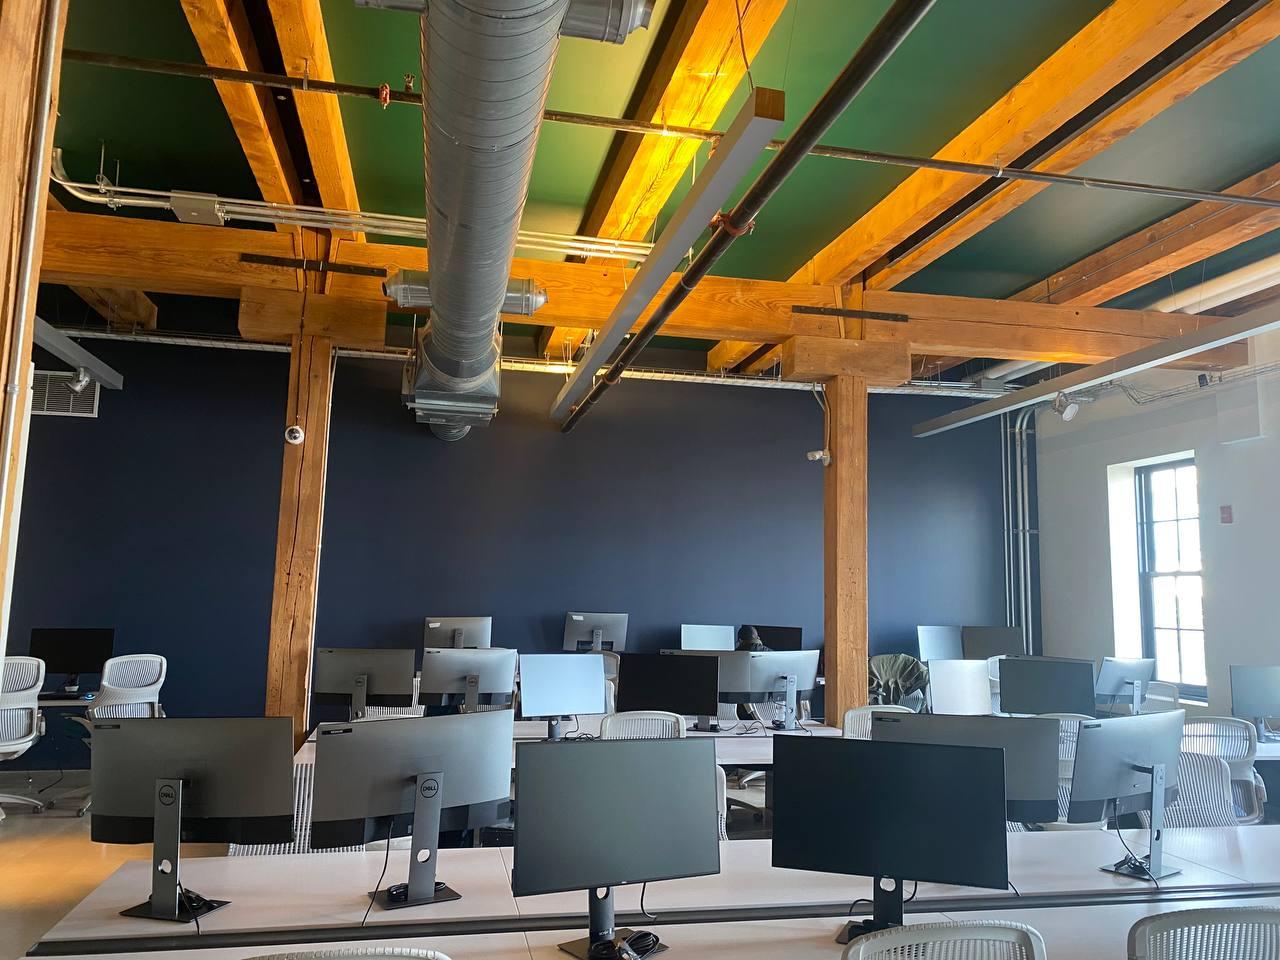 Commercial Renovation Contractors